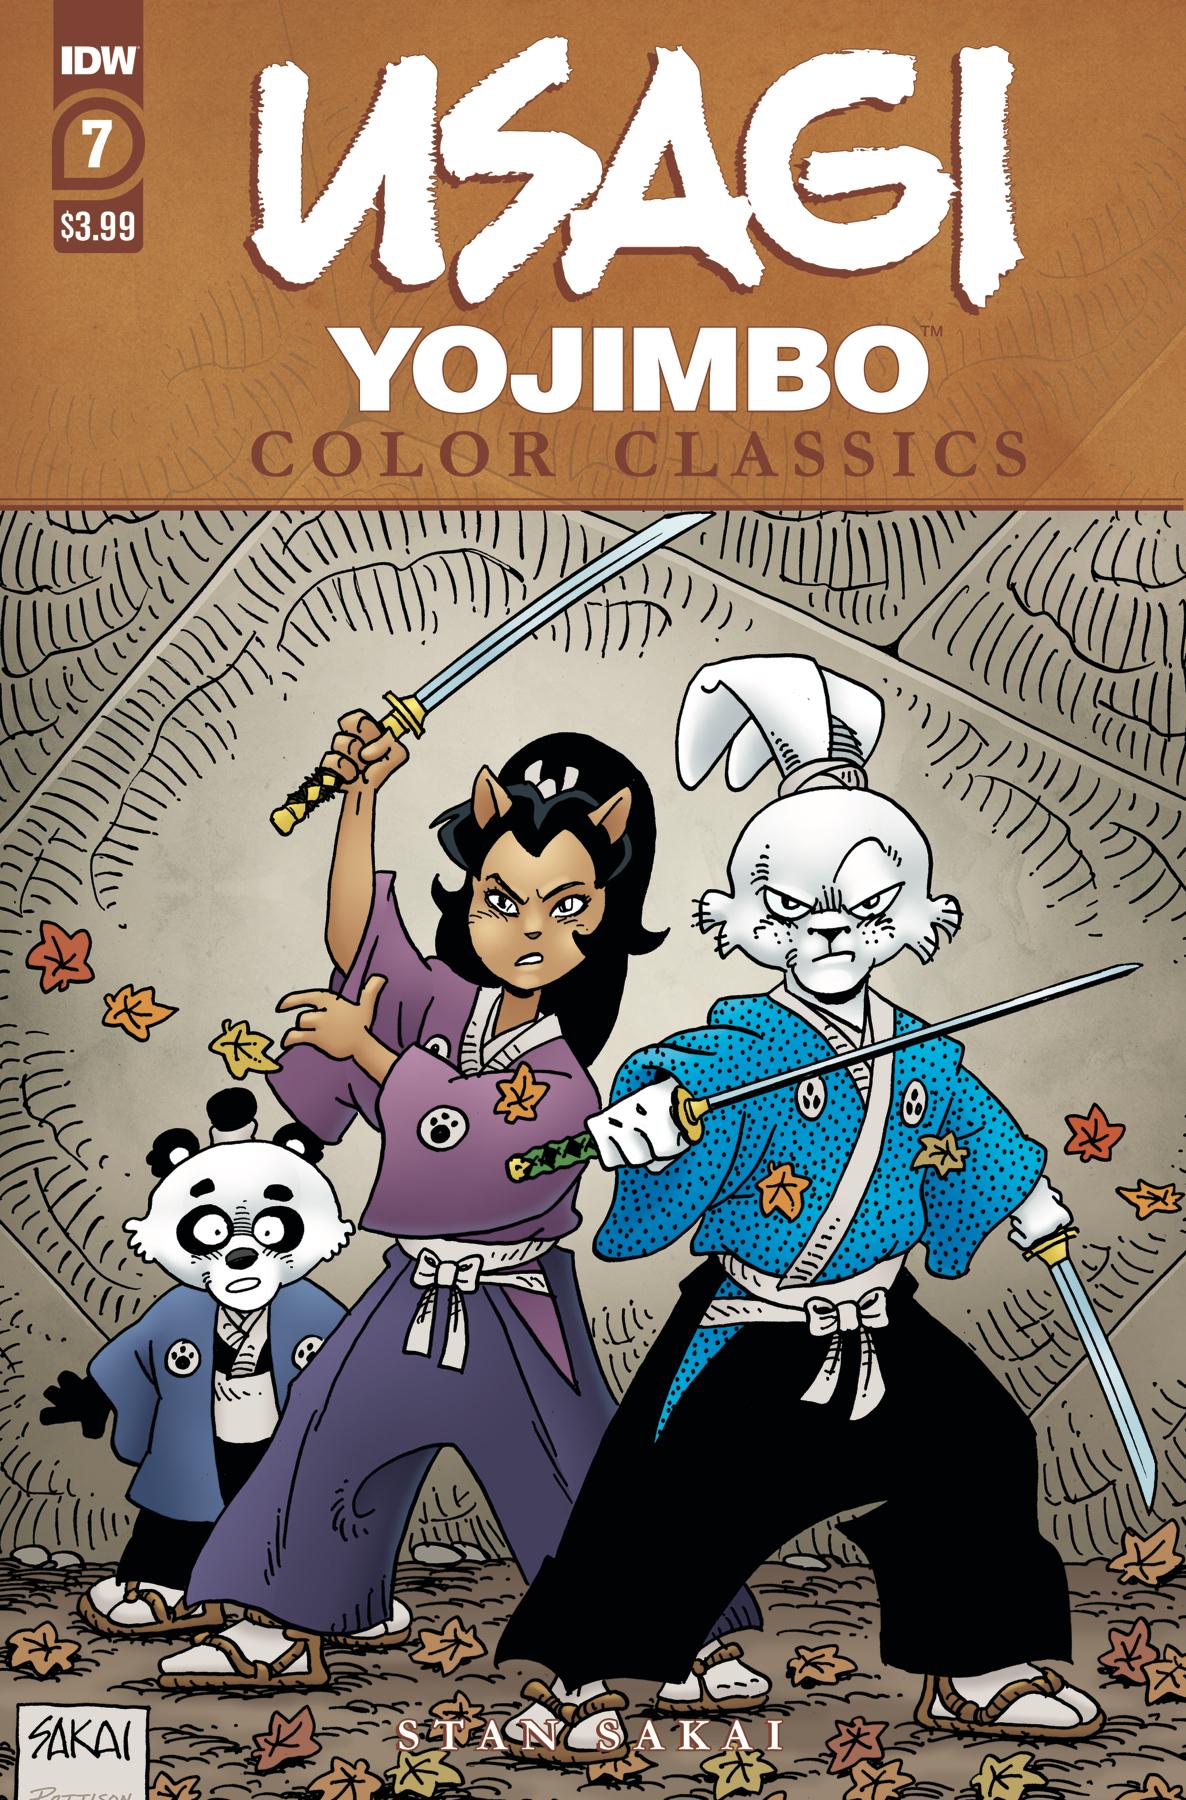 USAGI YOJIMBO COLOR CLASSICS #7 (OF 7)